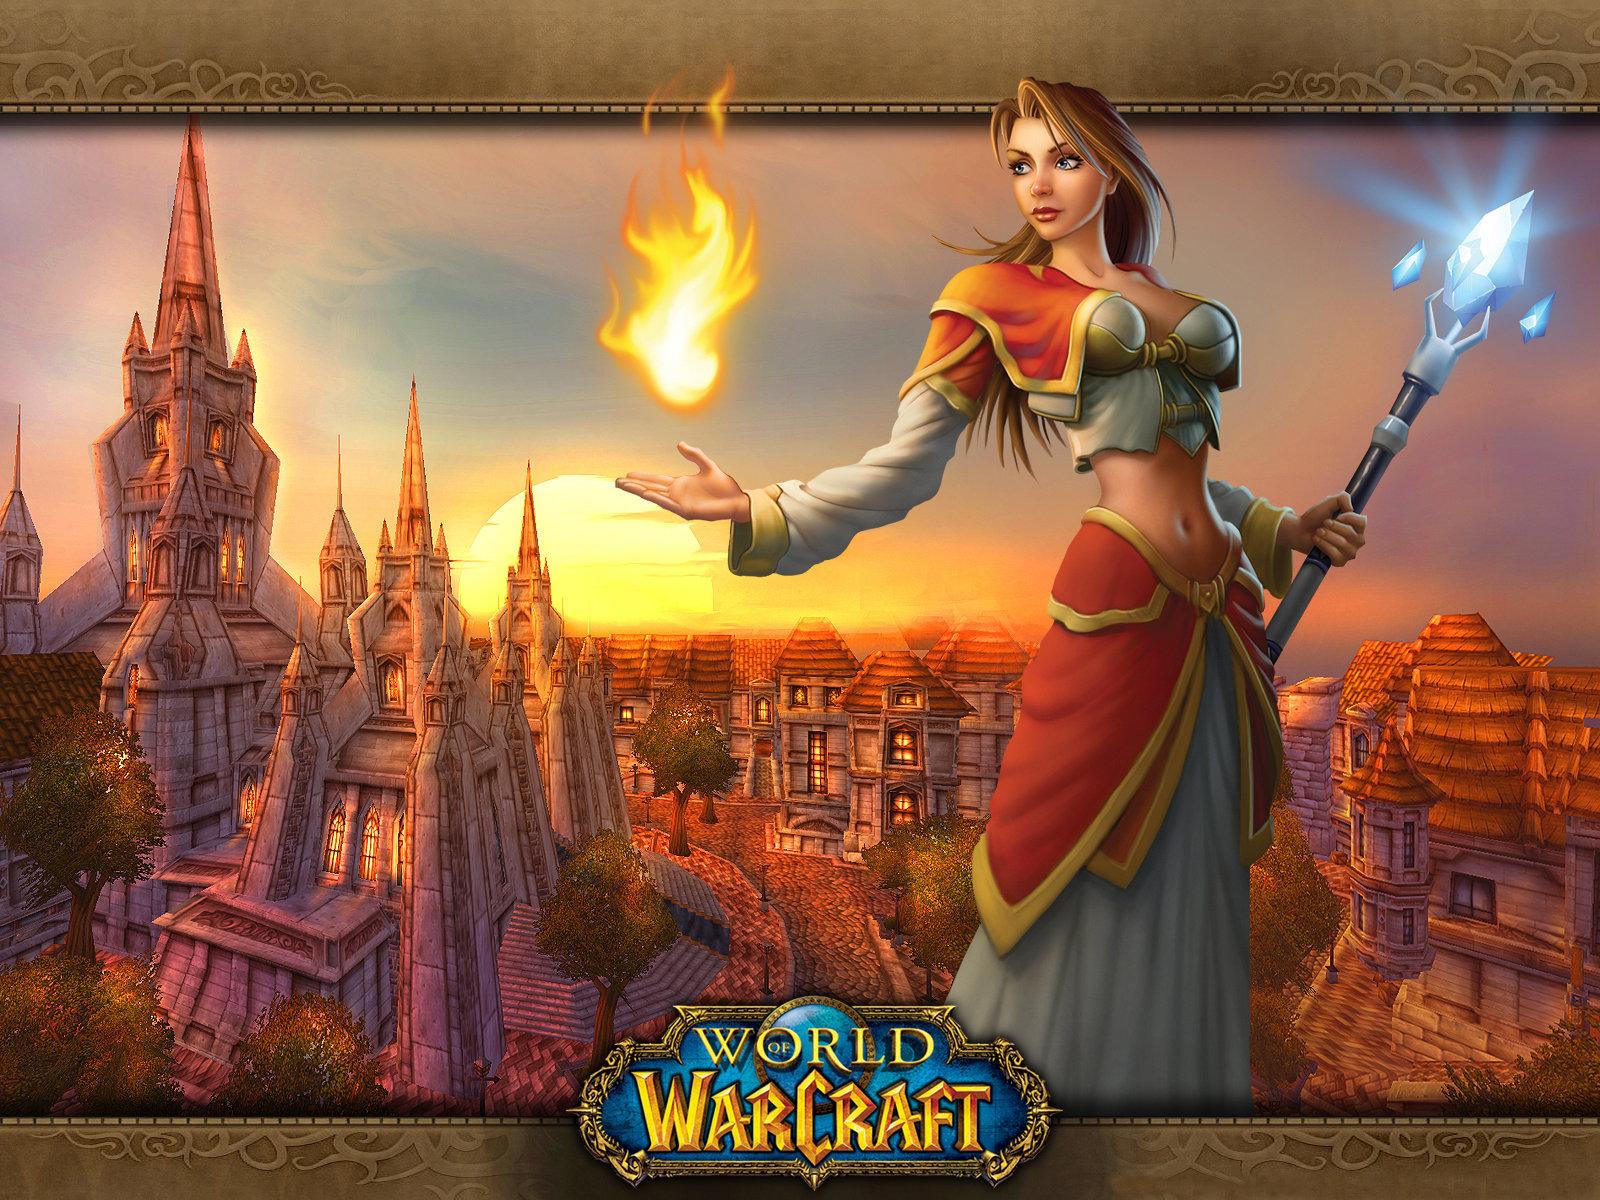 Best Desktop HD Wallpaper - World of Warcraft Wallpapers